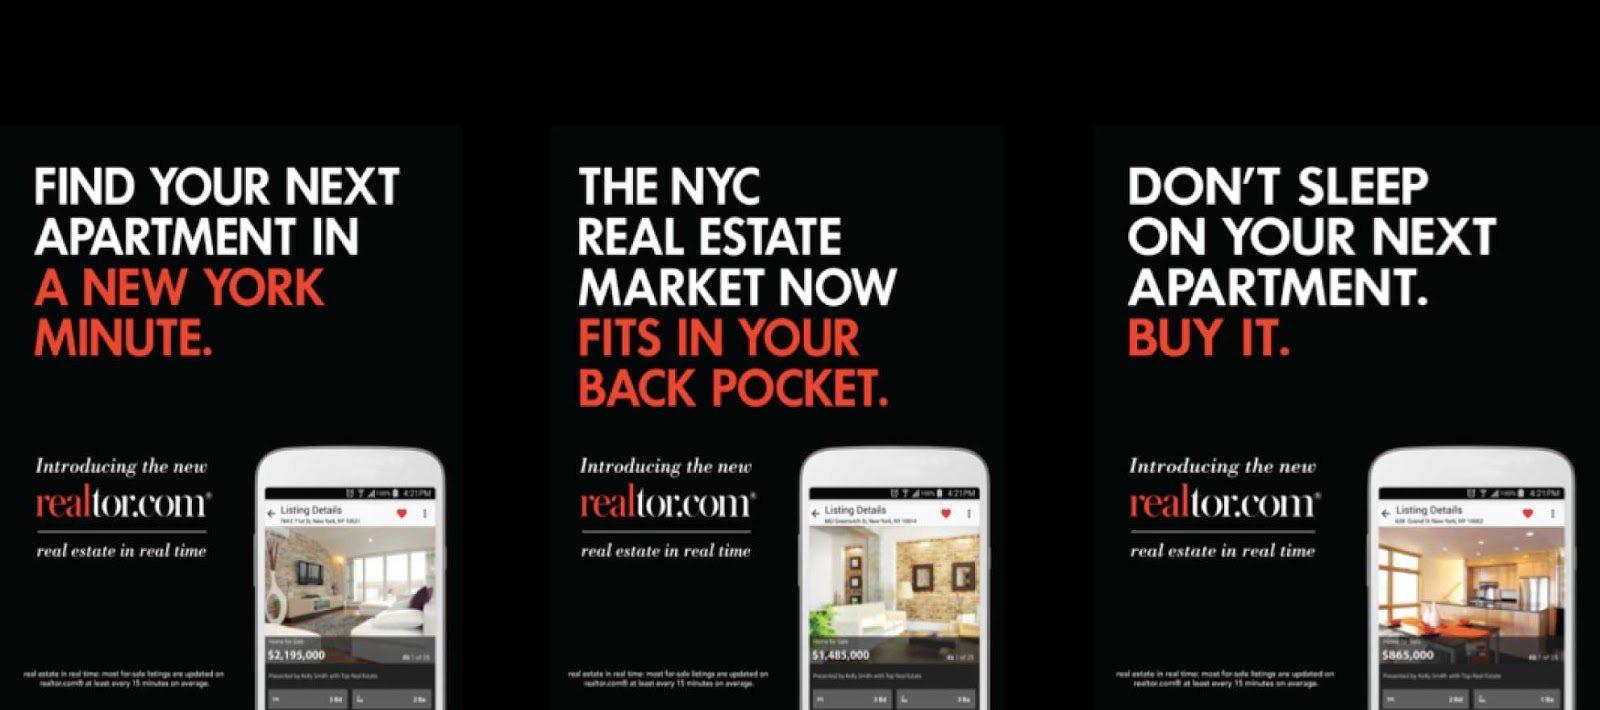 Realtor.com ads